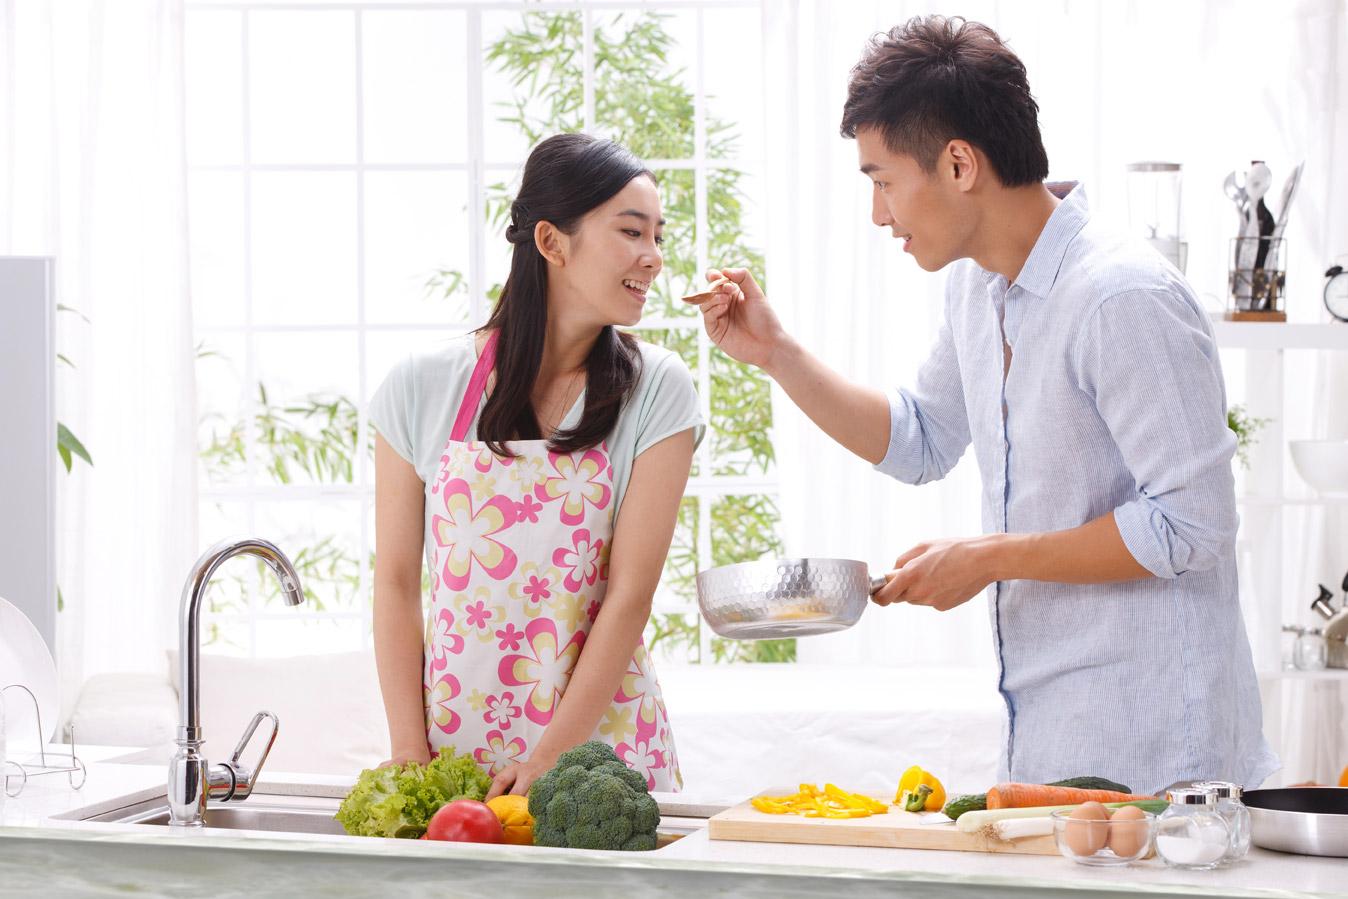 Phụ nữ đừng thỏa mãn chồng những điều này kẻo sinh hư, xem thường vợ ra mặt - Ảnh 1